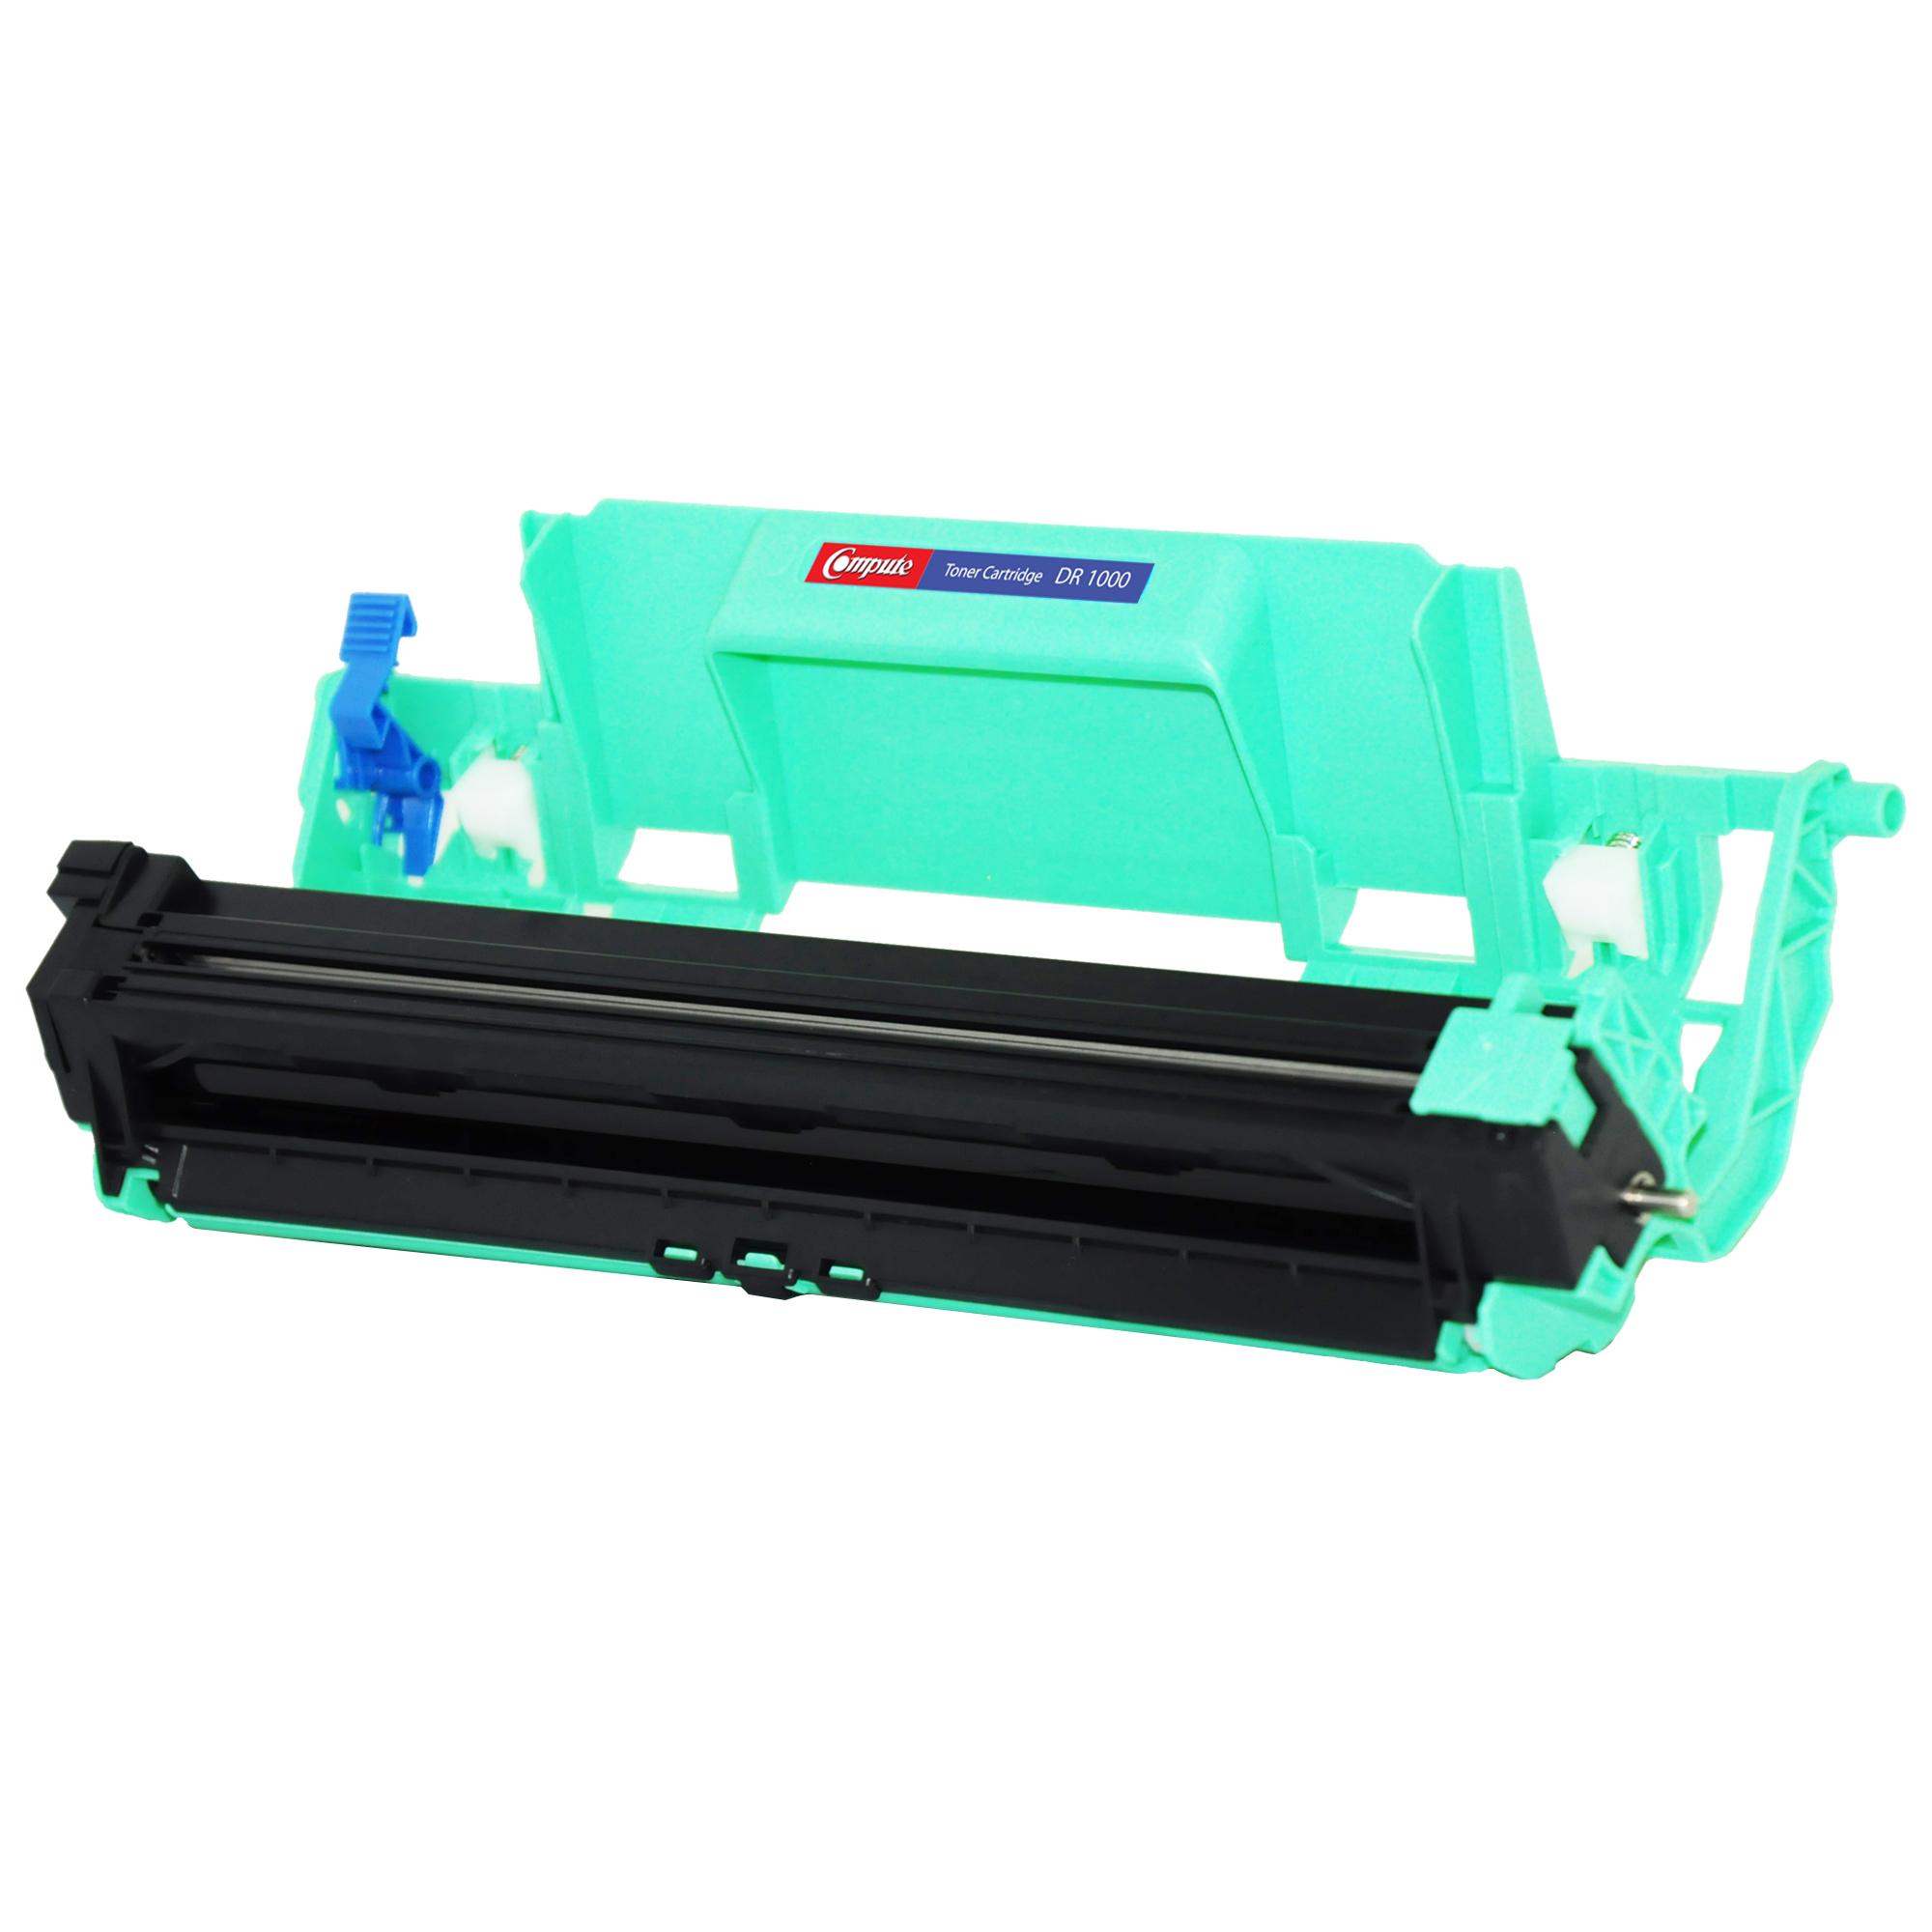 ชุดถาดดรัม Brother DR-1000 (DRUM) Cartridge (DR-1000)